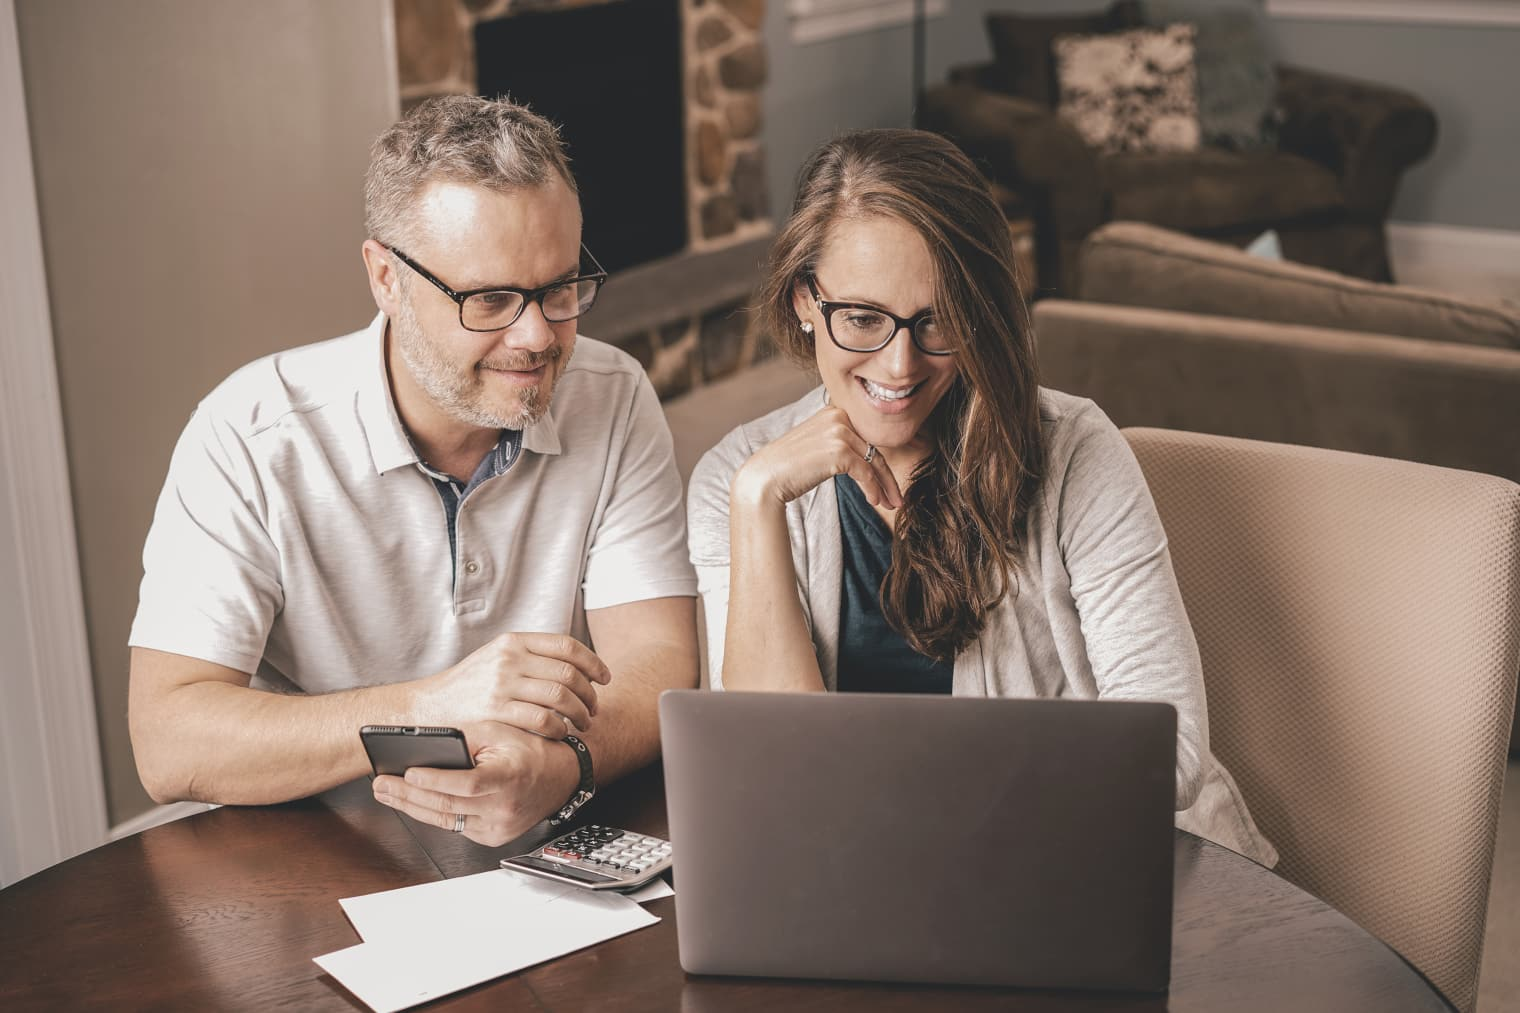 Una coppia seduta al tavolo con calcolatrice, laptop e smartphone.